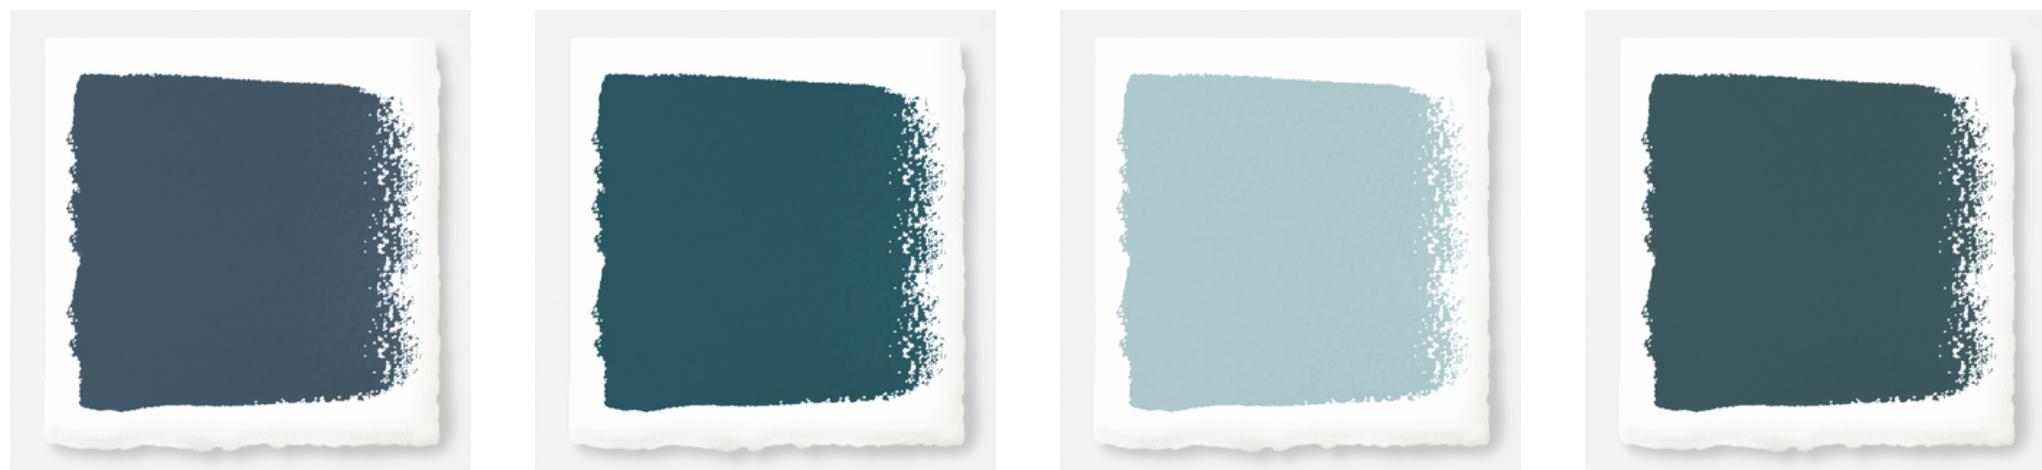 Joanna Gaines Magnolia Blue Paint Colors